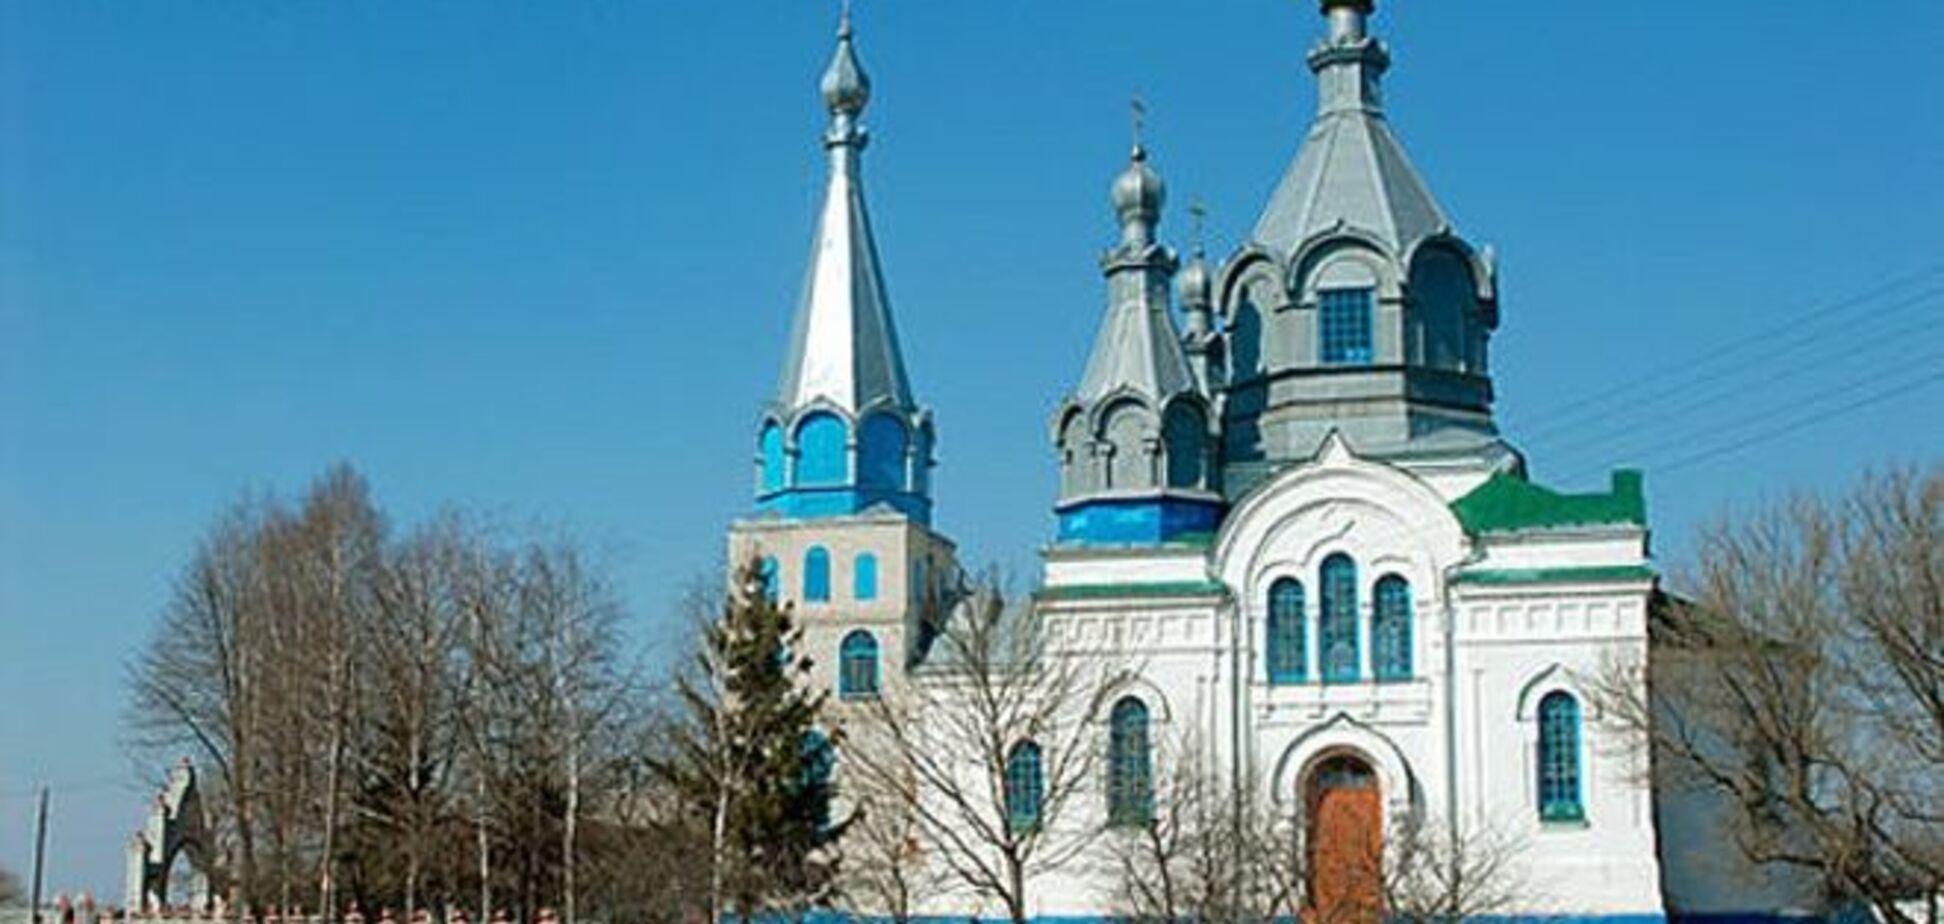 ВР намерена отменить налог на недвижимость для религиозных организаций